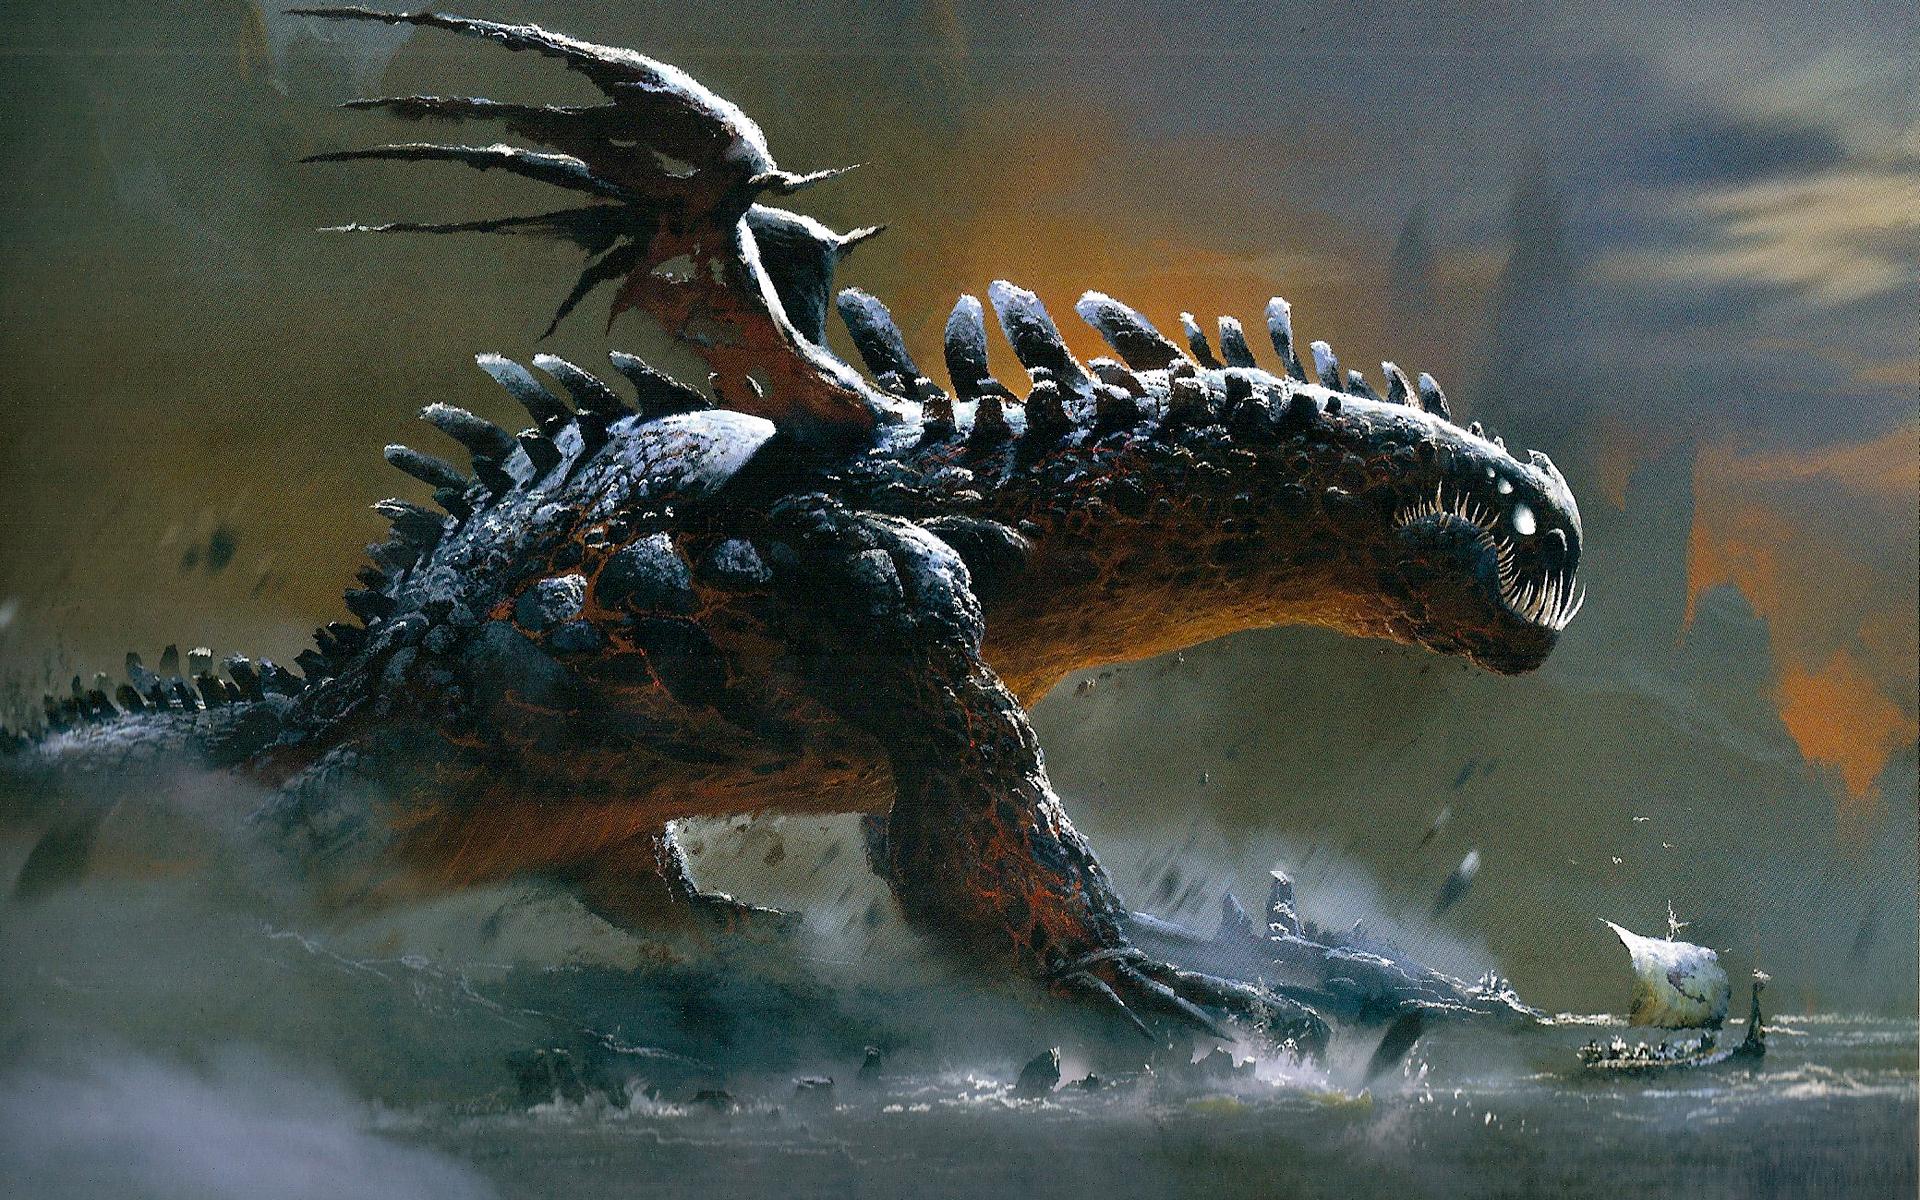 Drawn wallpaper dragon 2 Dragons Dragon  Train